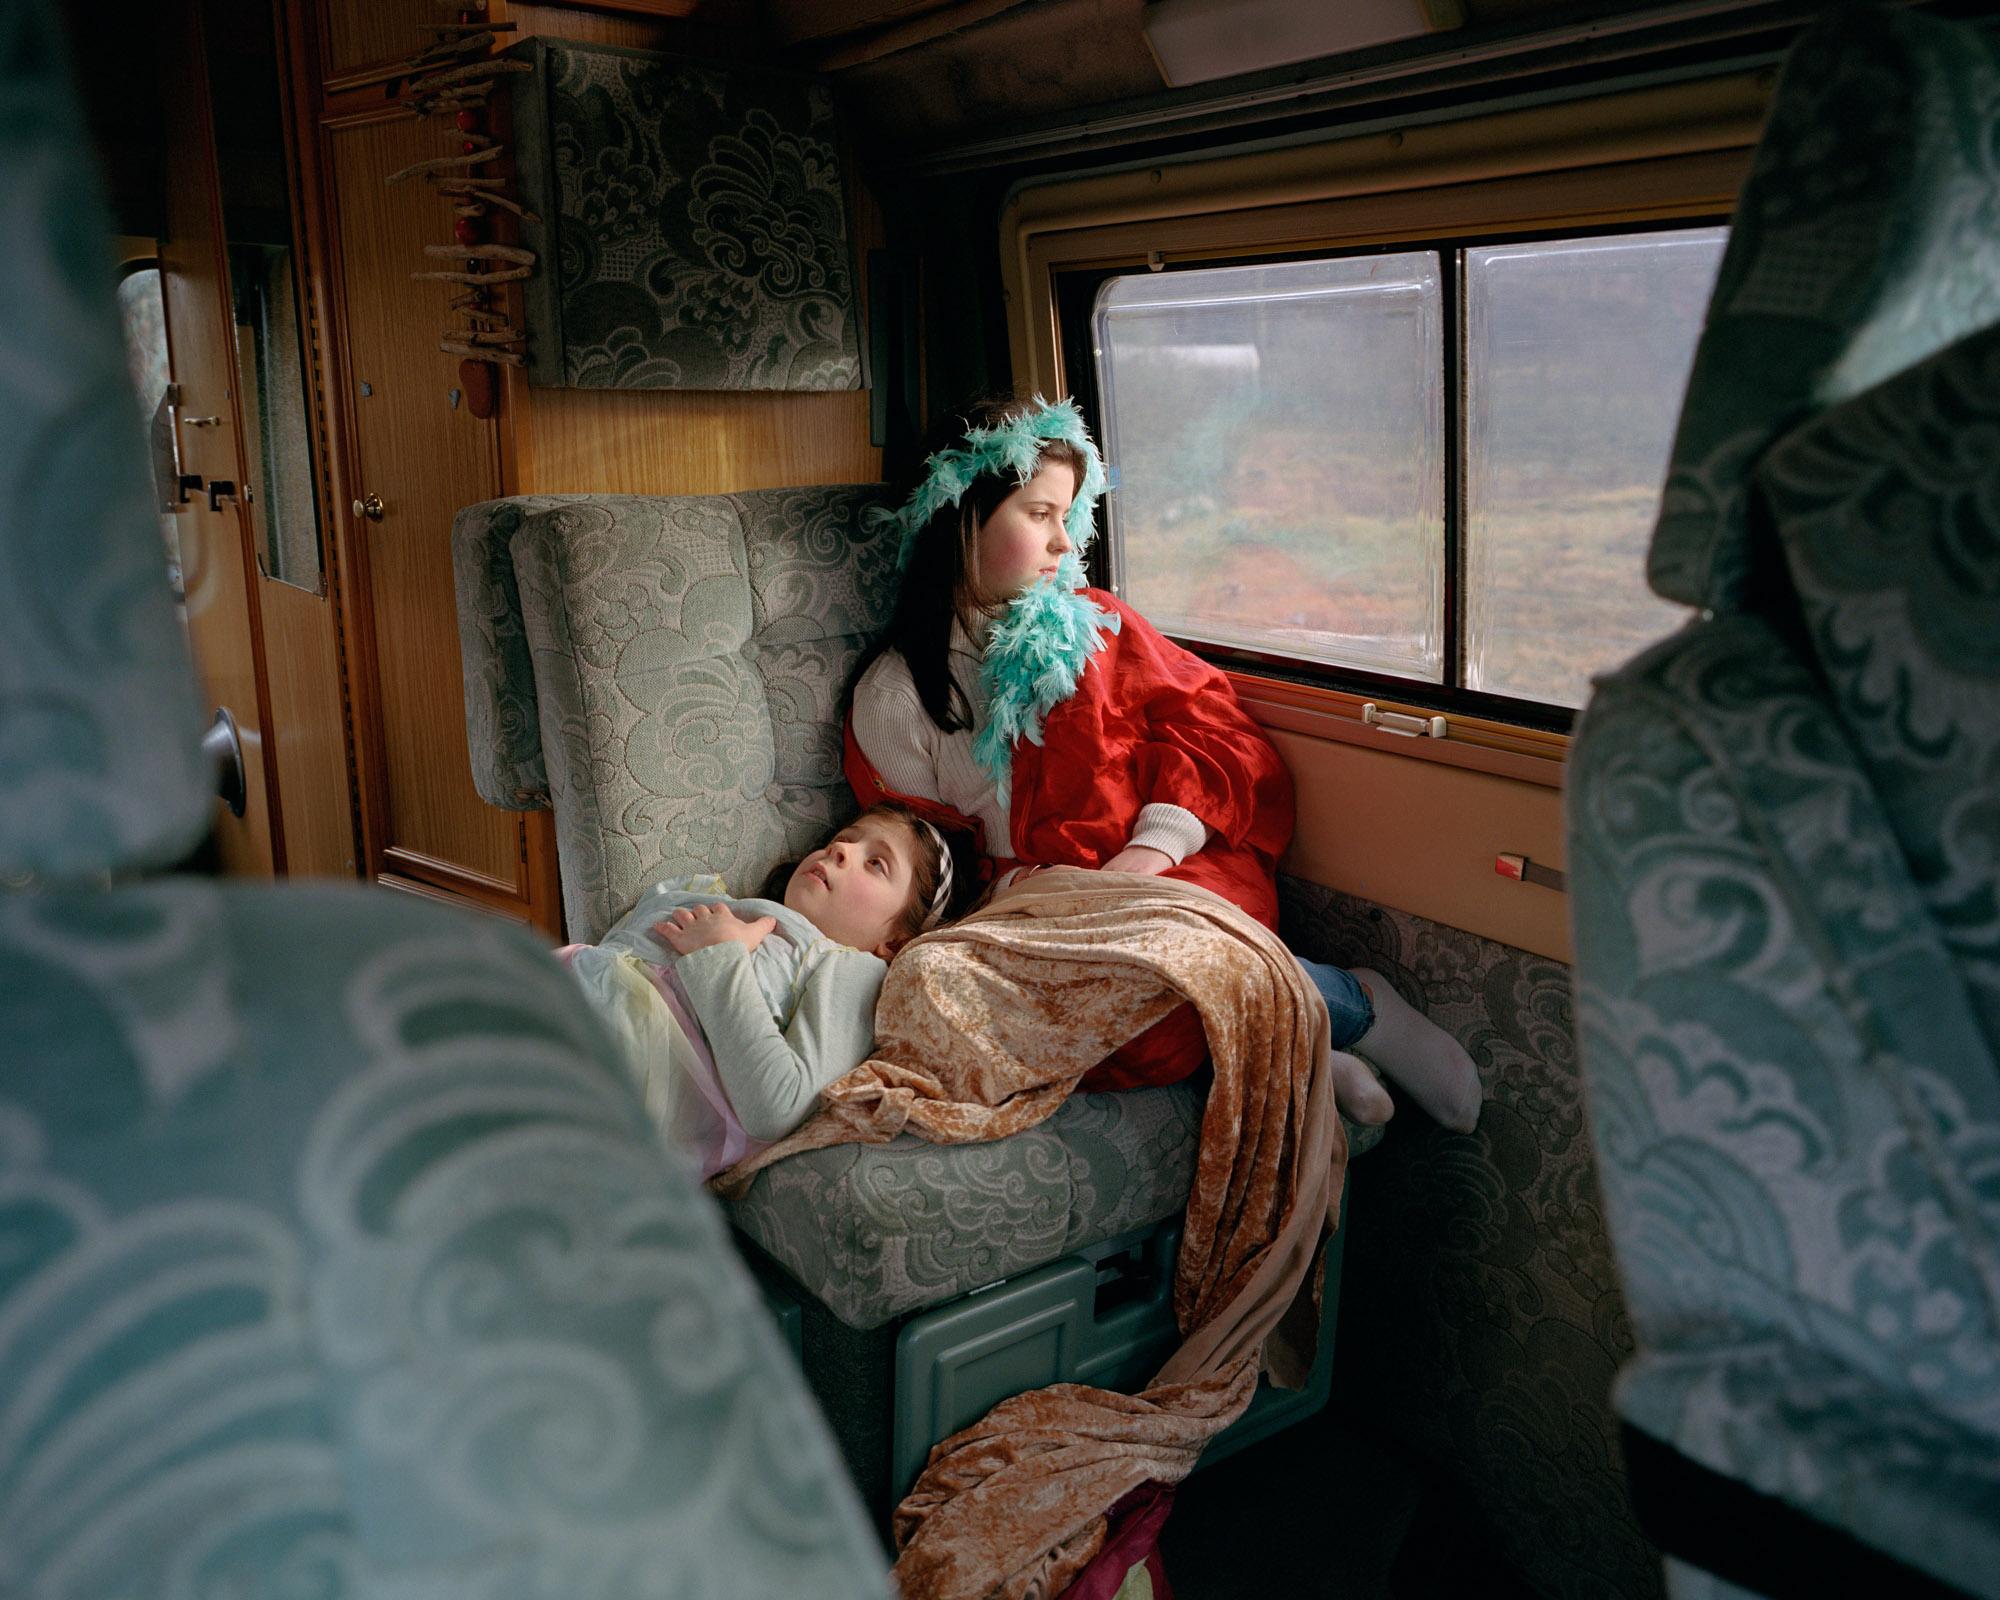 Photographie couleur de 2 enfants dans une caravane, 2e prix du concours People